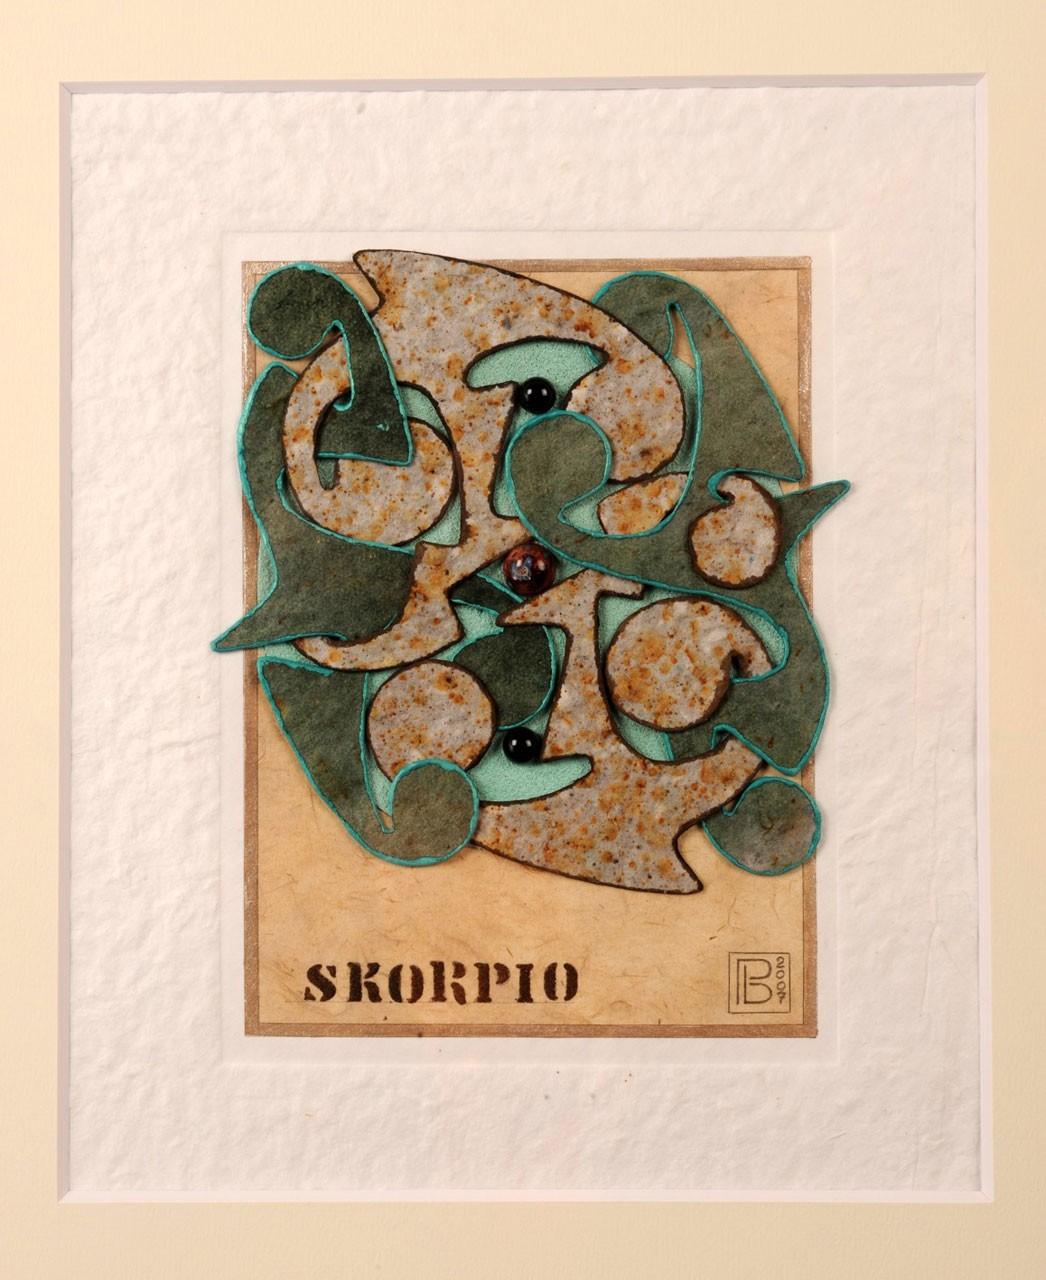 Sagomato - Zodiac Skorpio, 2007 - Collage carte a mano, quazite e pietre semipreziose, cm 35x26